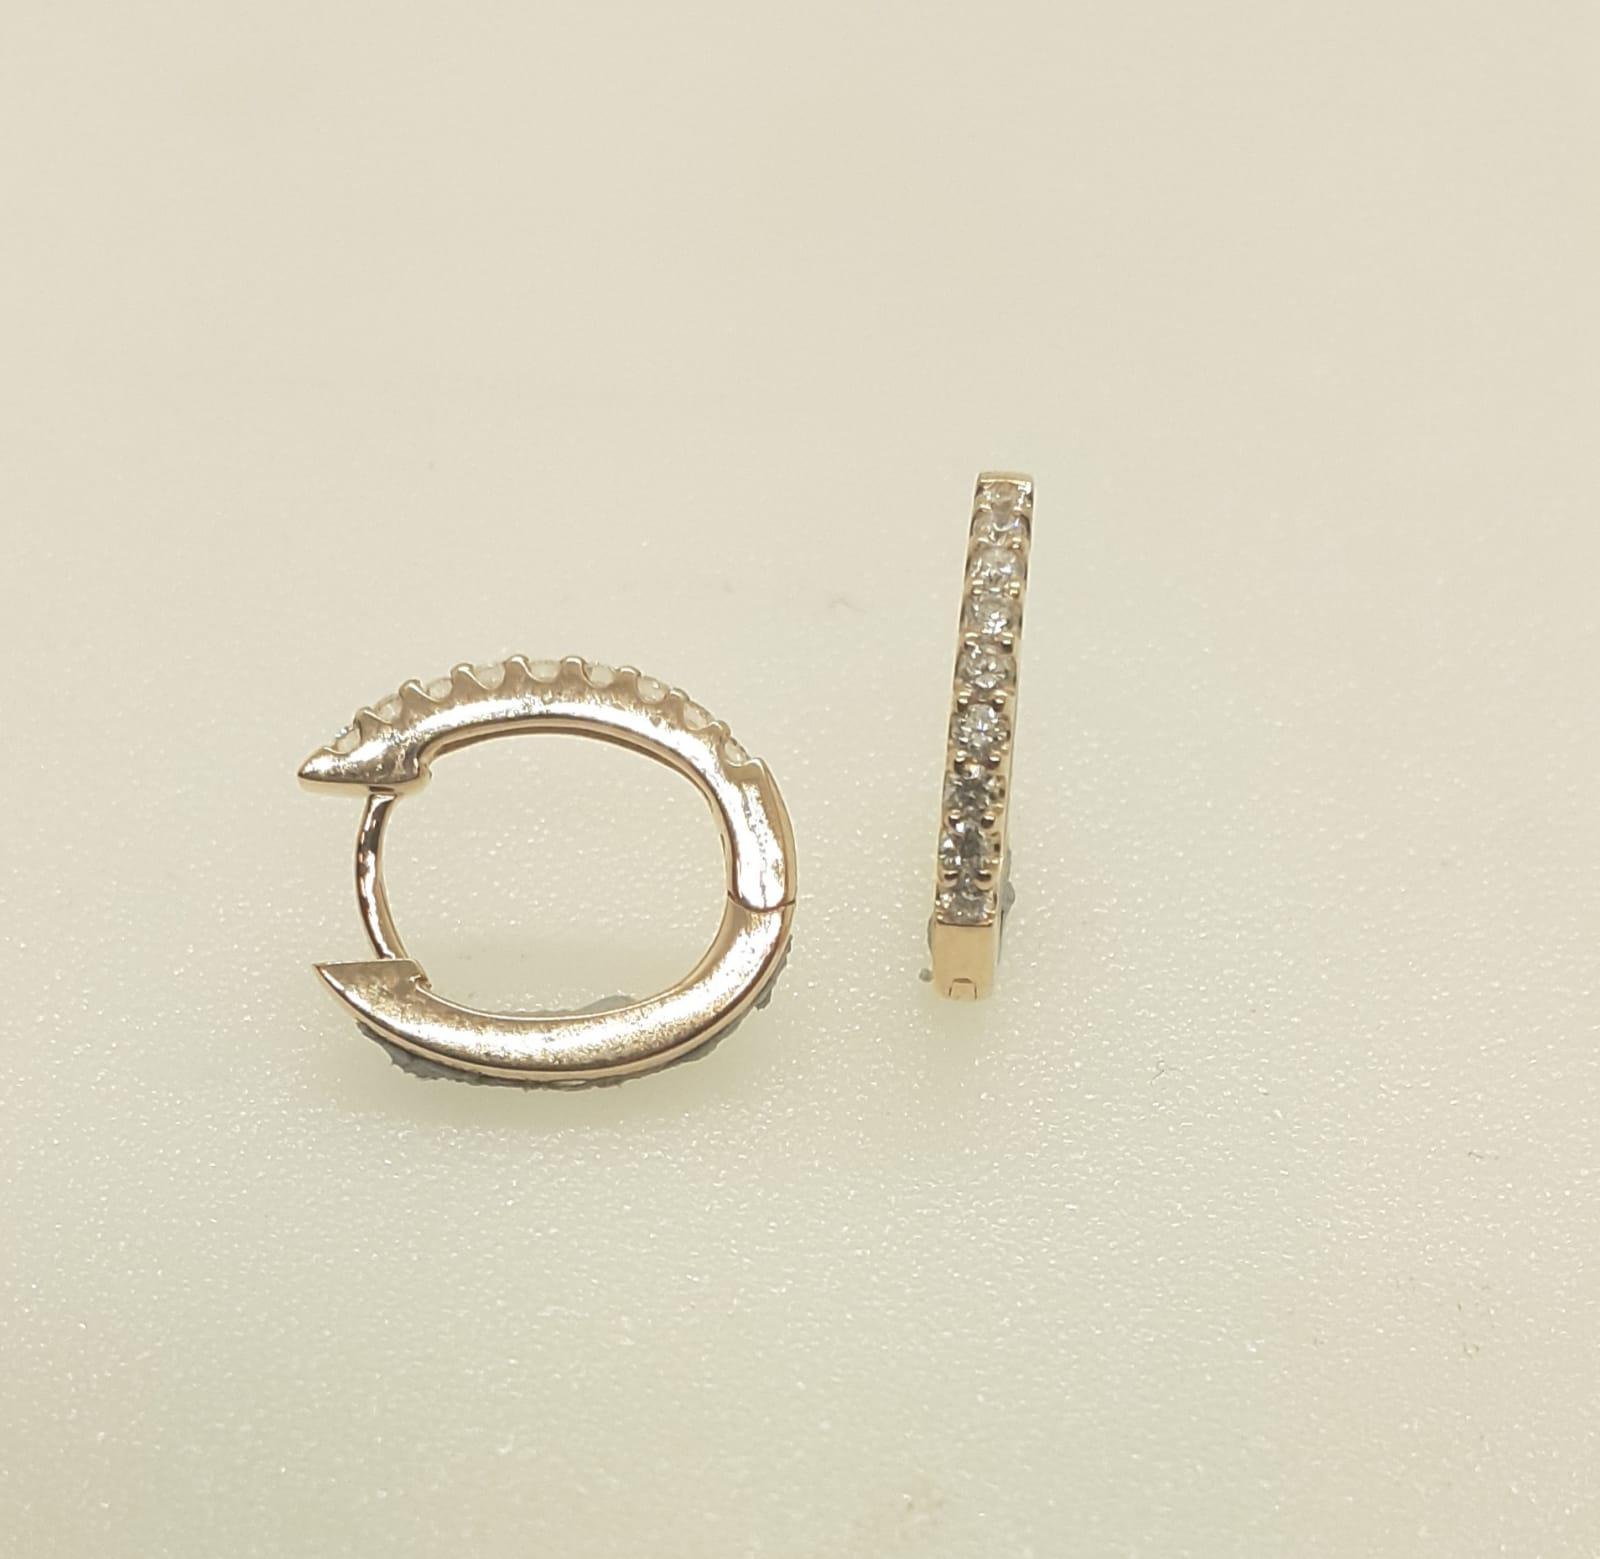 Sensi joyas alta joyería Granada plata compromiso PEDIENTES ORO ROSA 18K BRILLANTES  0,20 CTS   8,4mm